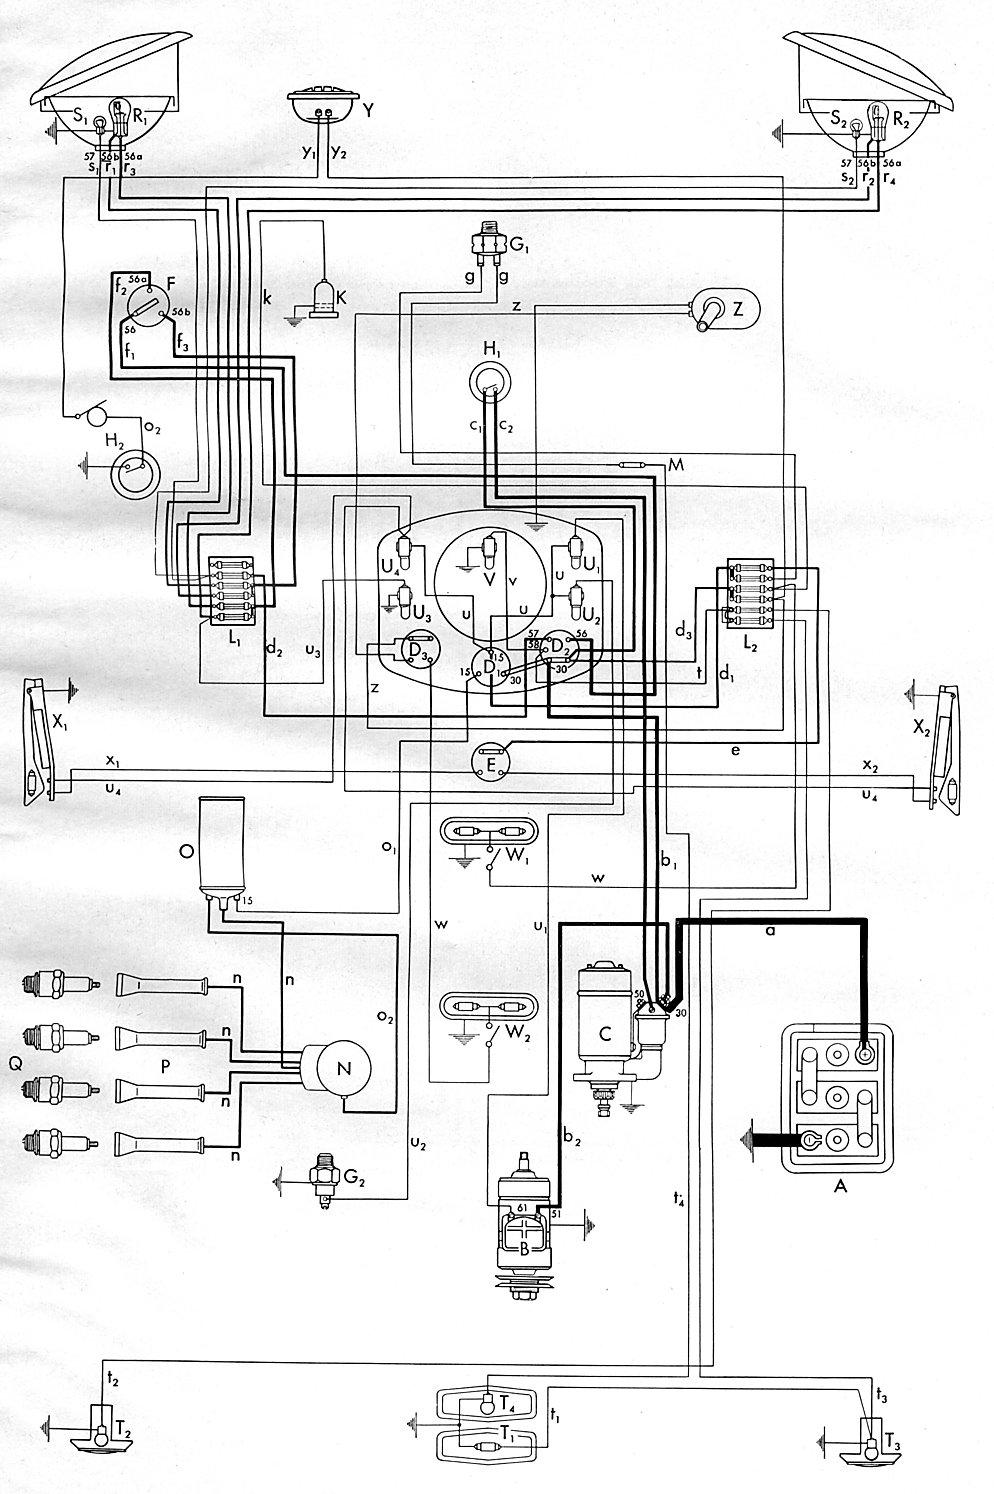 medium resolution of 1970 vw beetle fuse box diagram 1965 vw beetle wiring 1965 volkswagen beetle interior 1965 vw